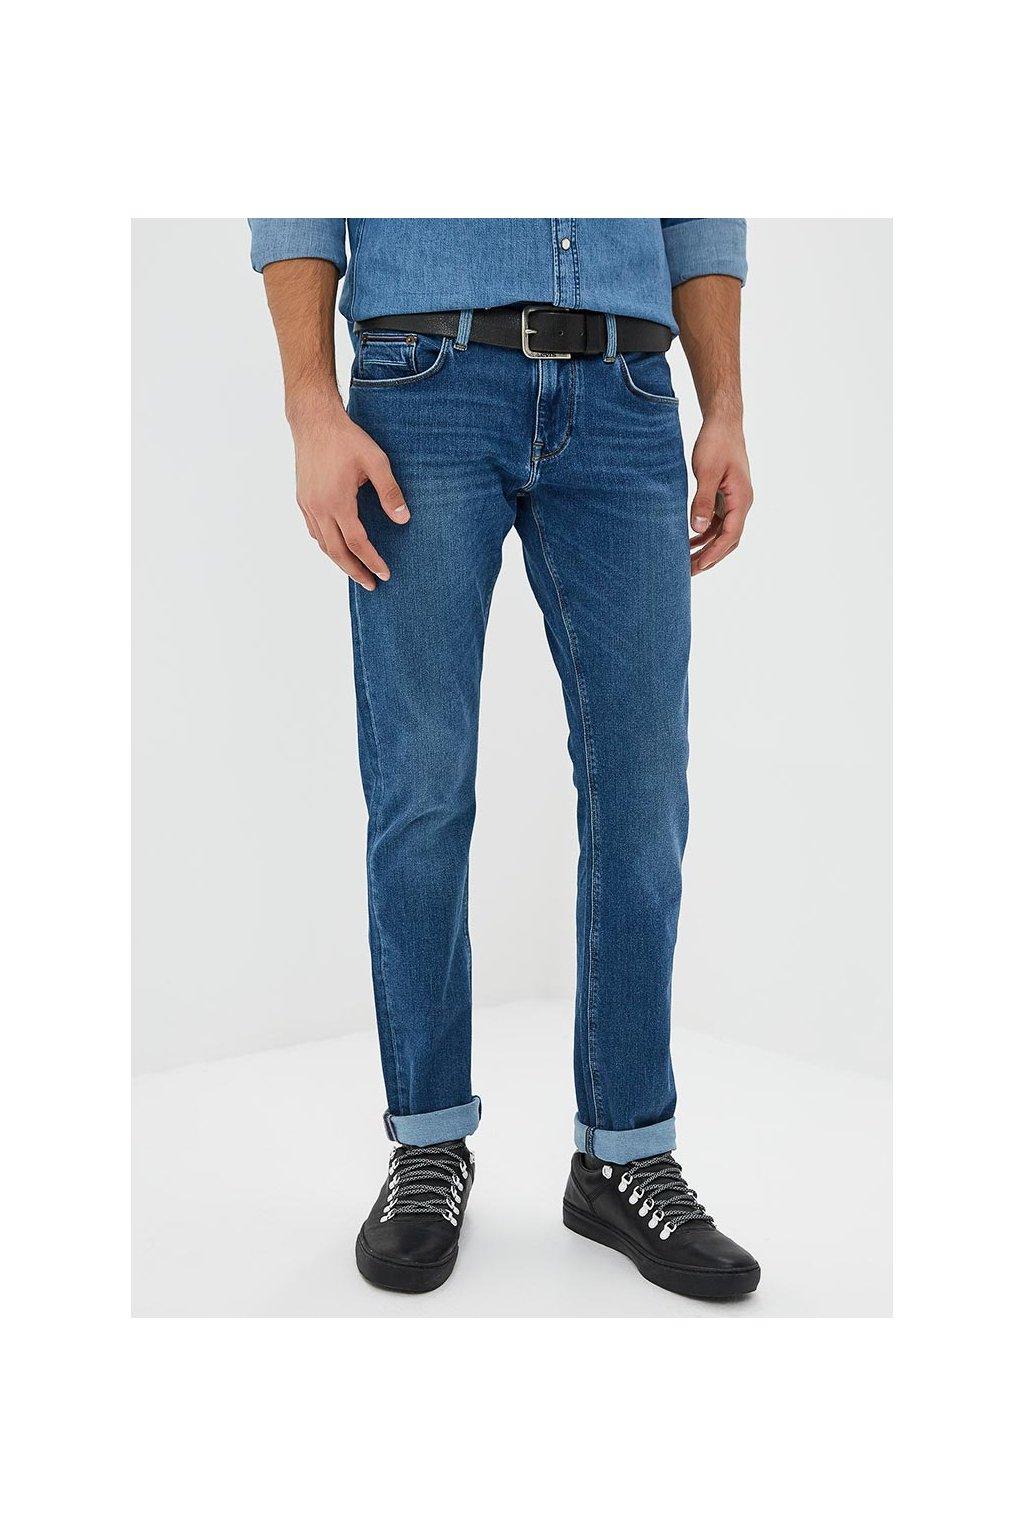 Pánské kalhoty Tommy Hilfiger MW0MW08110911